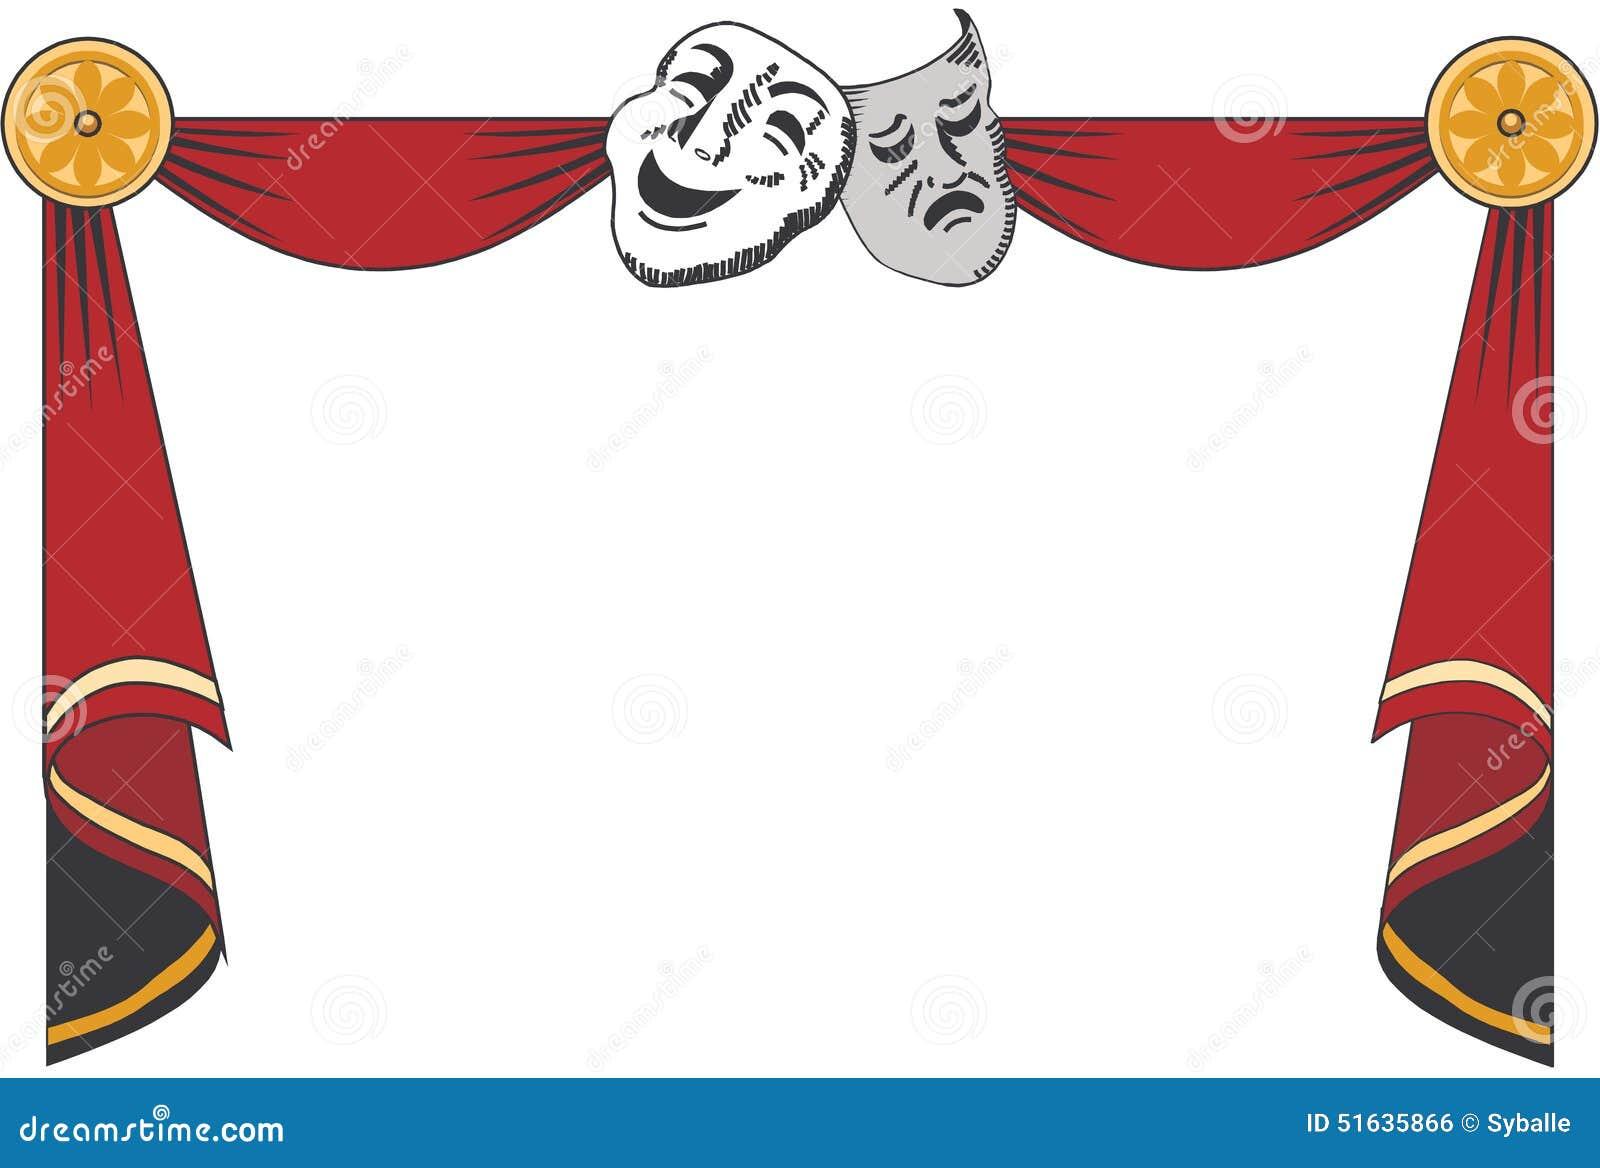 rideaux en th tre avec des masques illustration de vecteur illustration du illustration. Black Bedroom Furniture Sets. Home Design Ideas